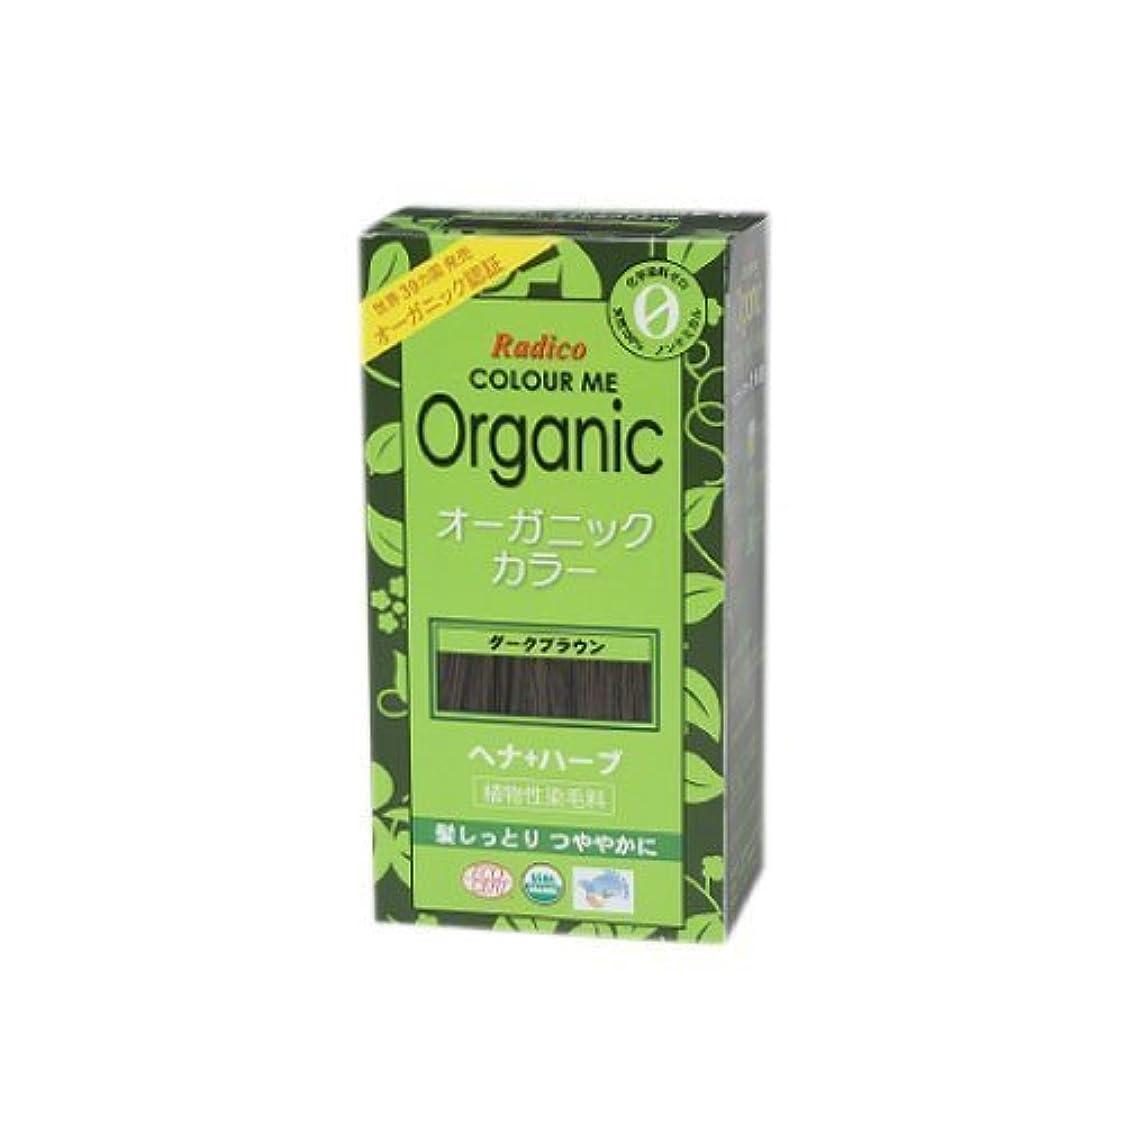 精通したメモウルルCOLOURME Organic (カラーミーオーガニック ヘナ 白髪用) ダークブラウン 100g